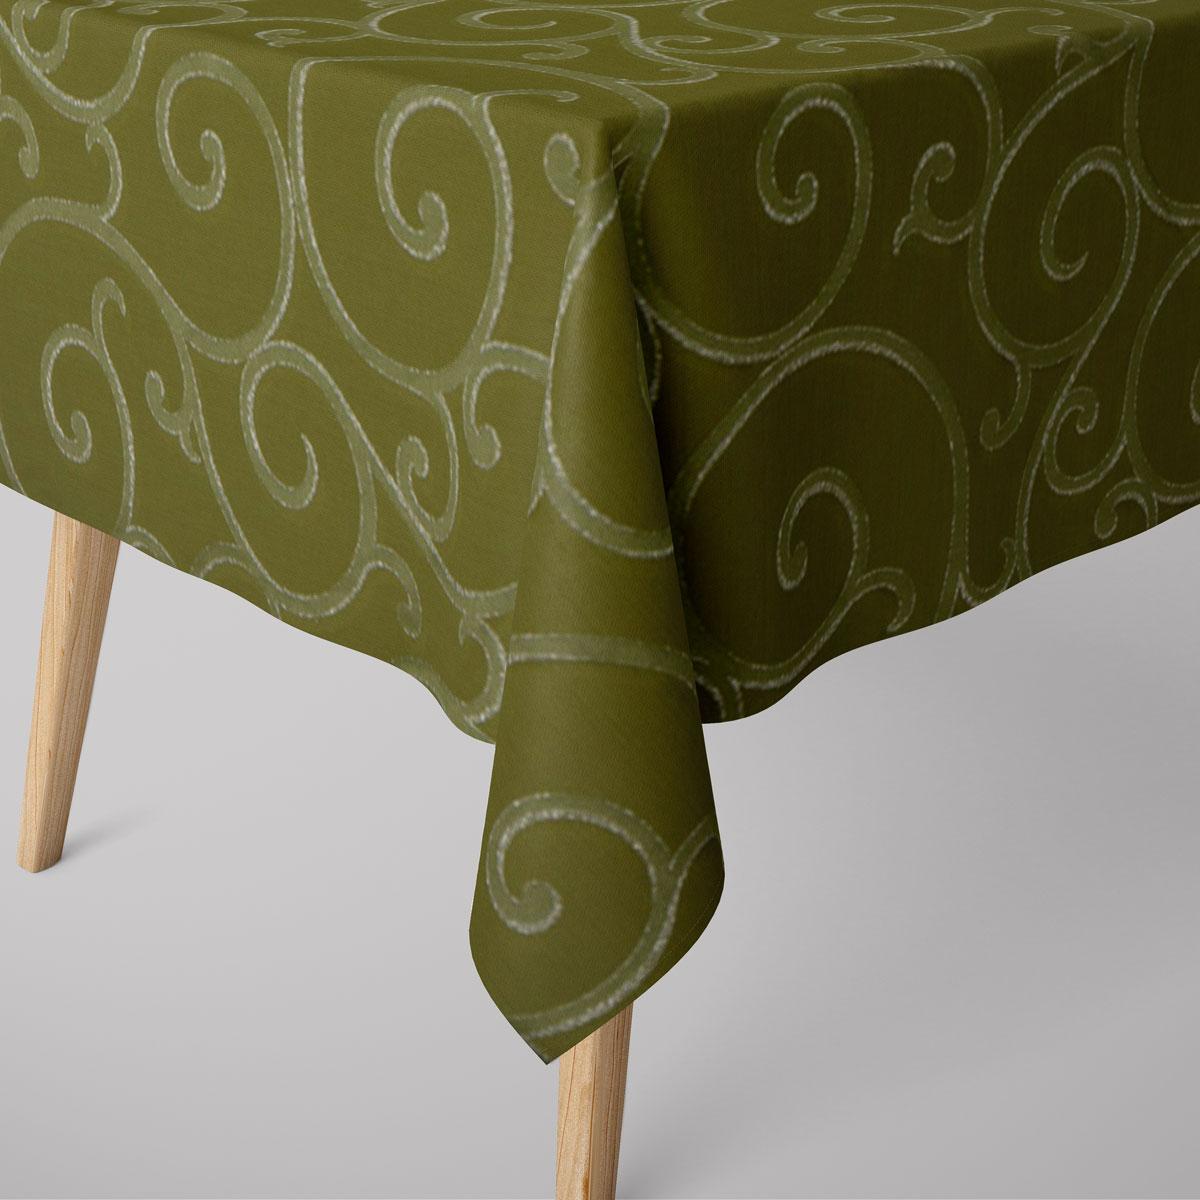 SCHÖNER LEBEN. Tischdecke Ornamente Schnörkel Lurex grün silberfarbig verschiedene Größen